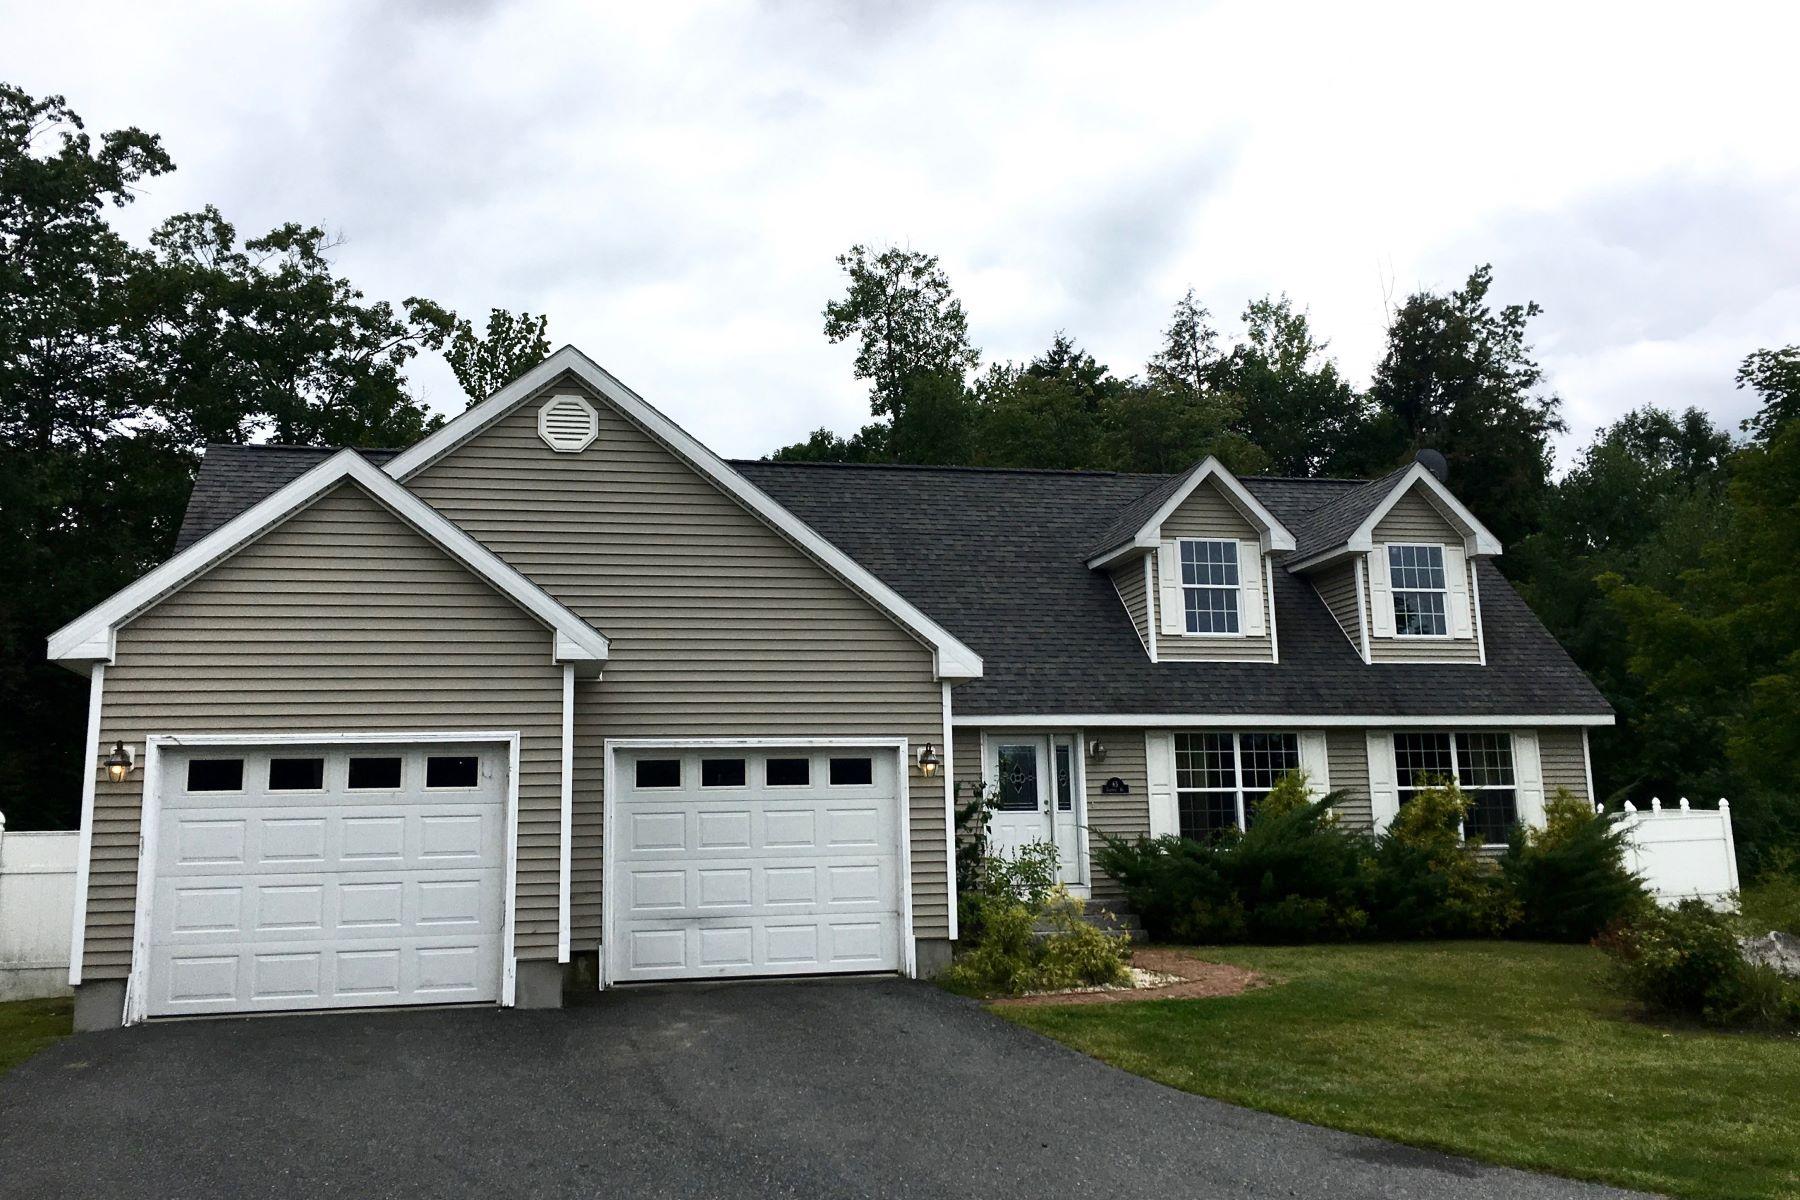 Частный односемейный дом для того Продажа на 65 Conifer 6905, Hartford Hartford, Вермонт, 05001 Соединенные Штаты